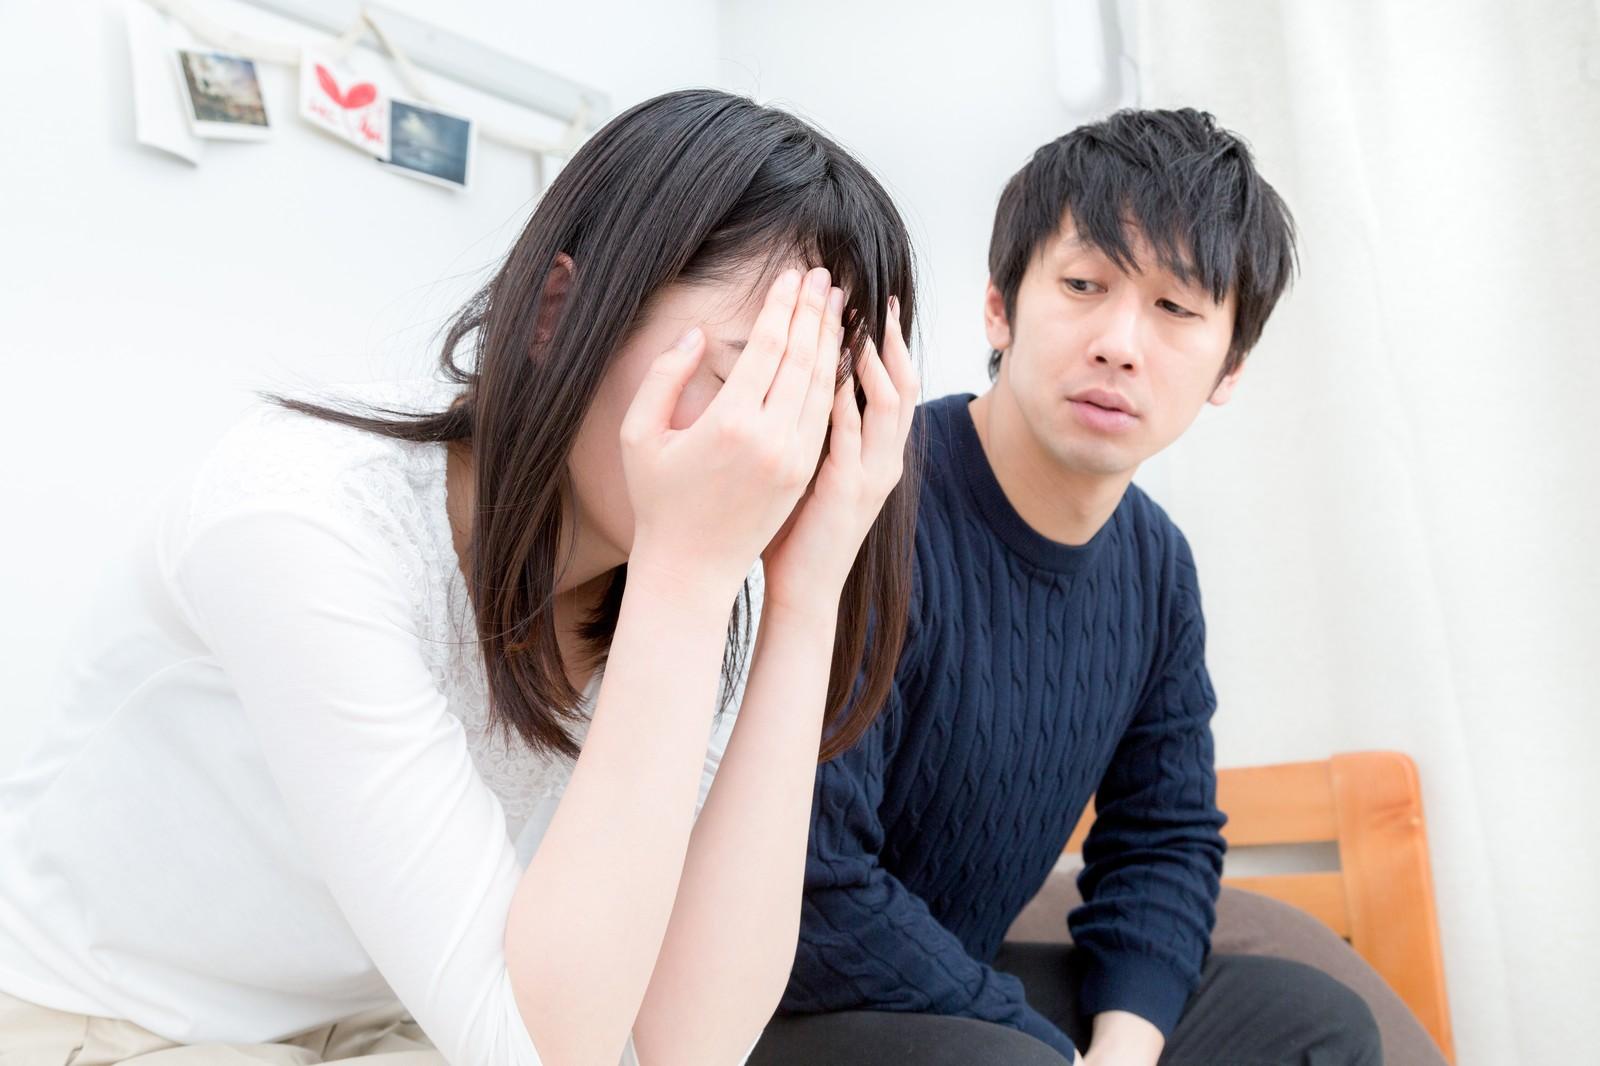 生理的に無理な婚活相手とどうするべきか・・・その2